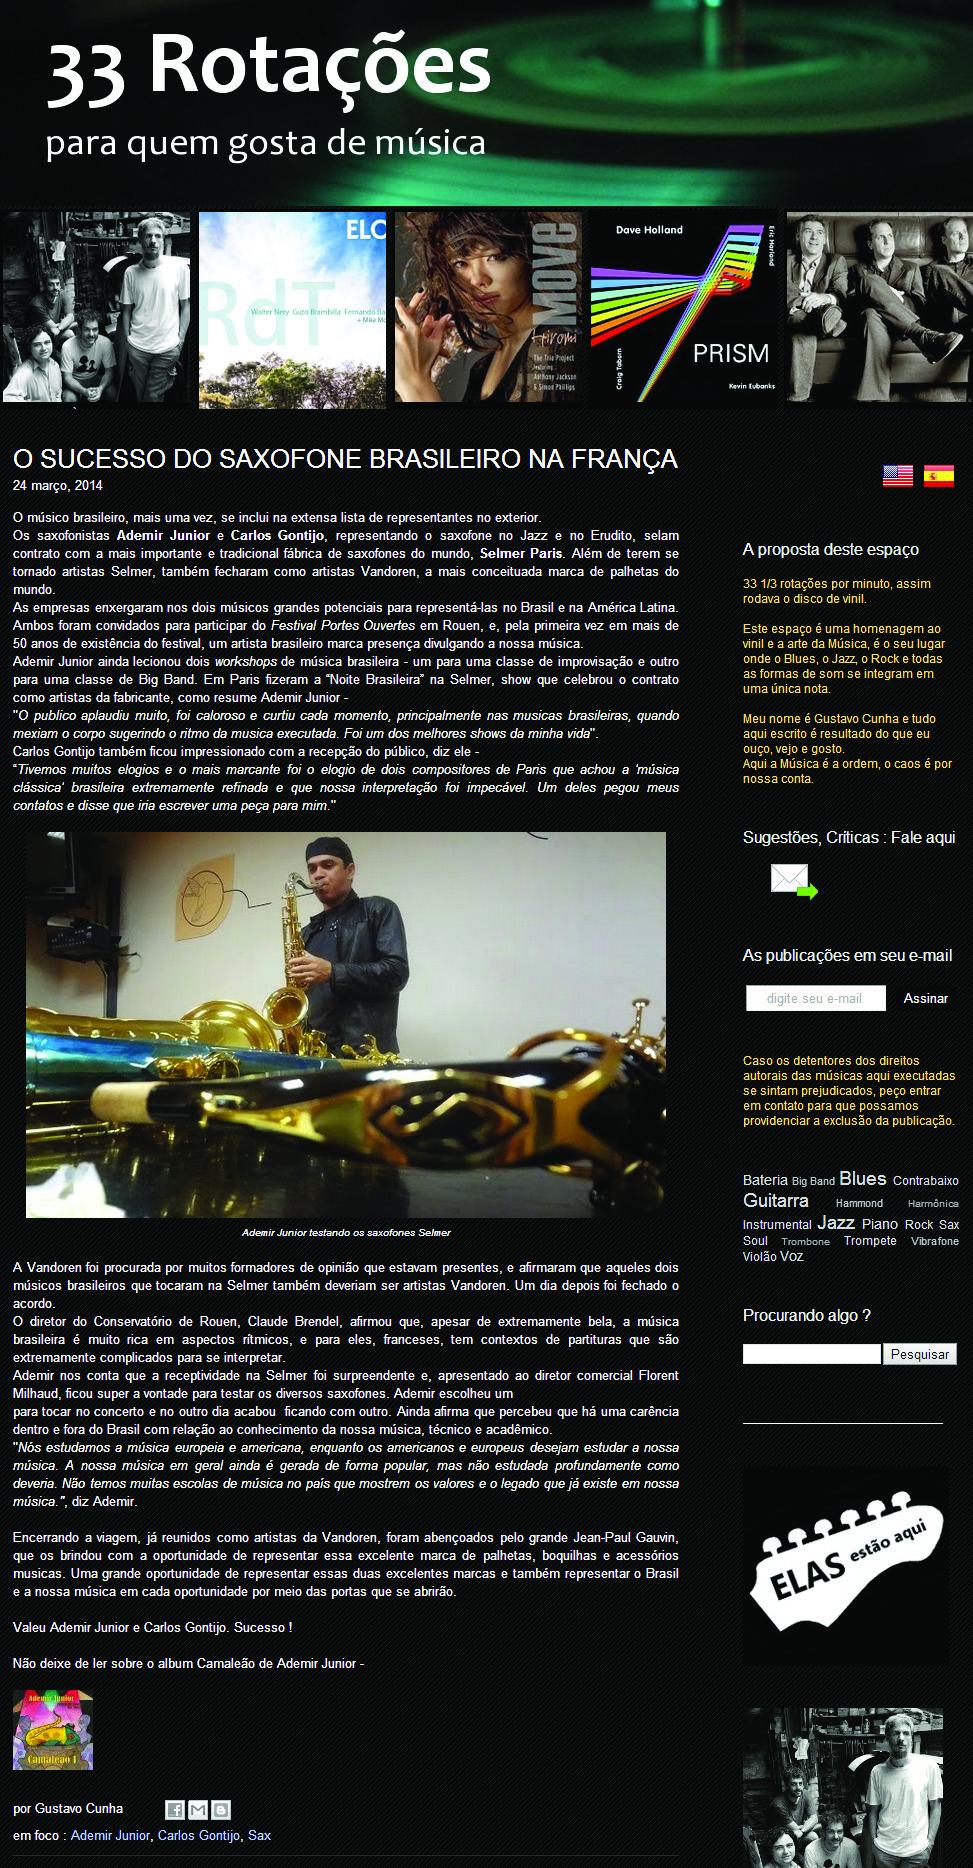 Blog 33 Rotações - Gustavo Cunha